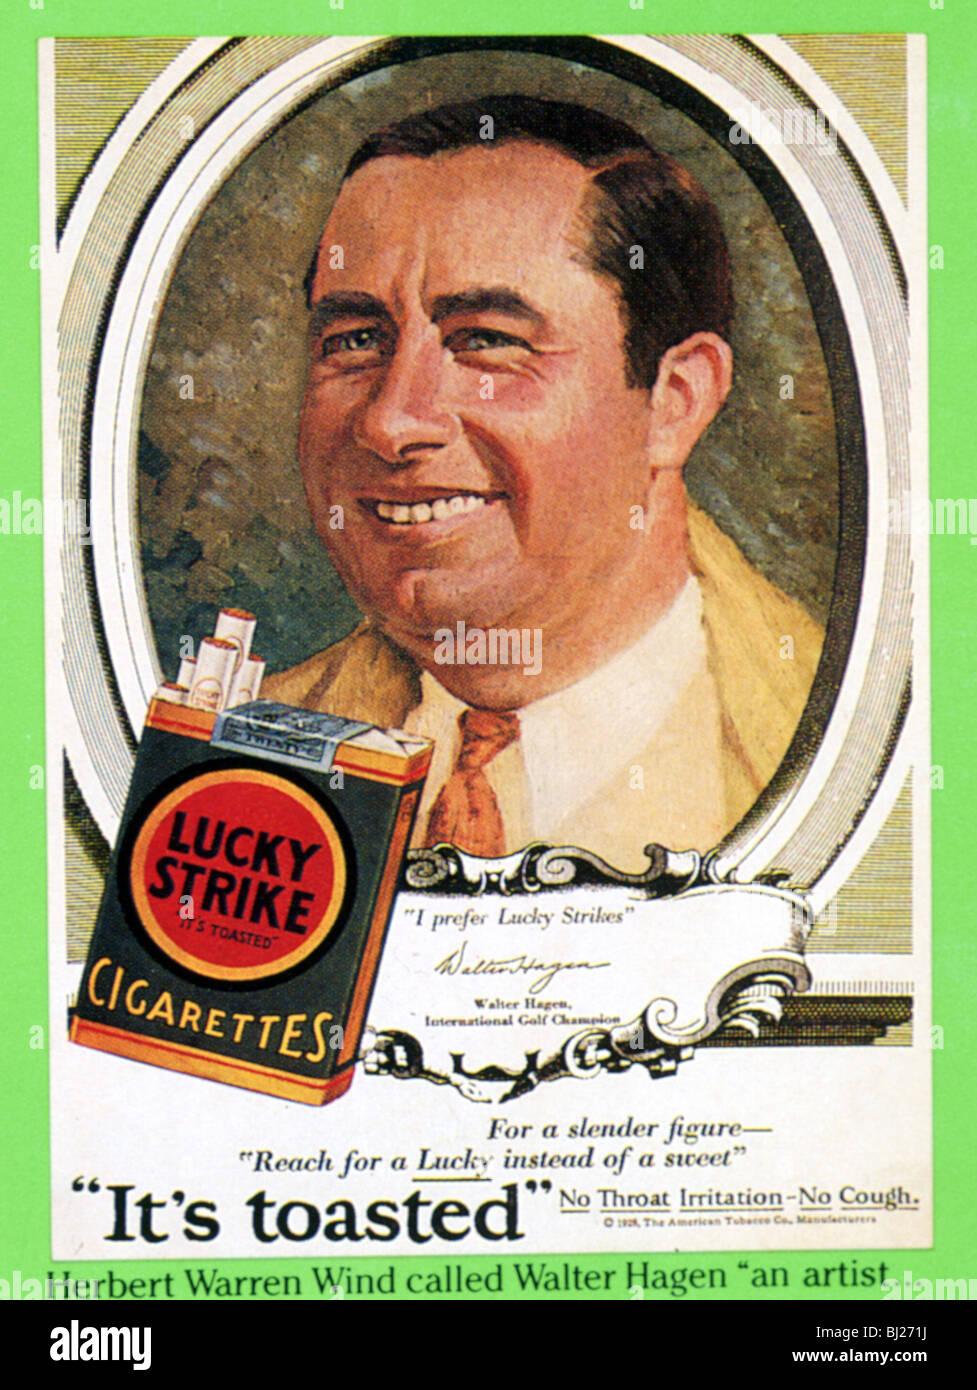 Impartial Publicite 1972 Winston Cigarettes Breweriana, Beer